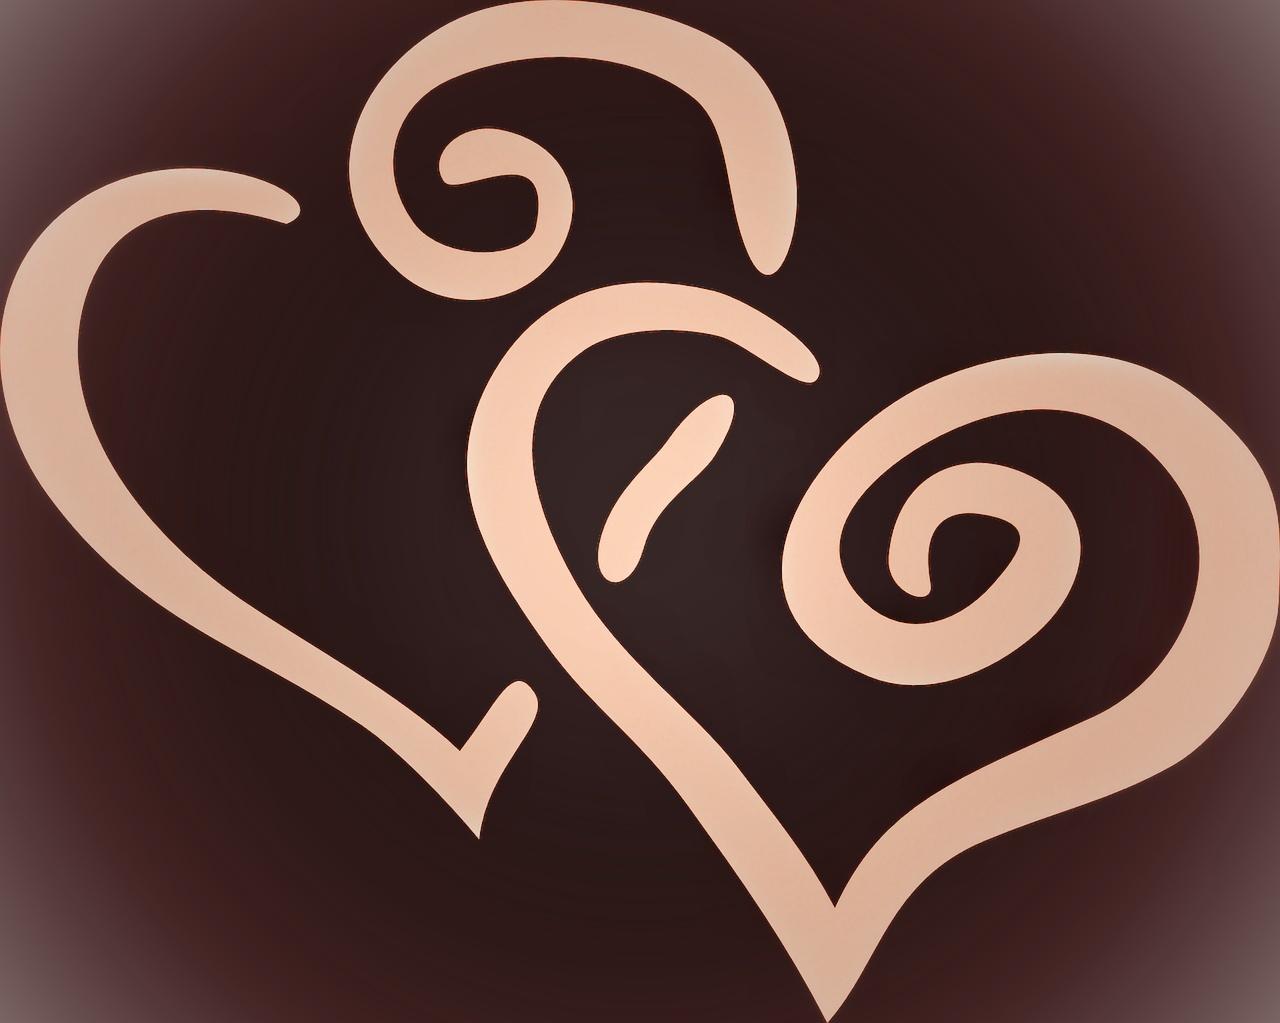 Lo especial involucra amor